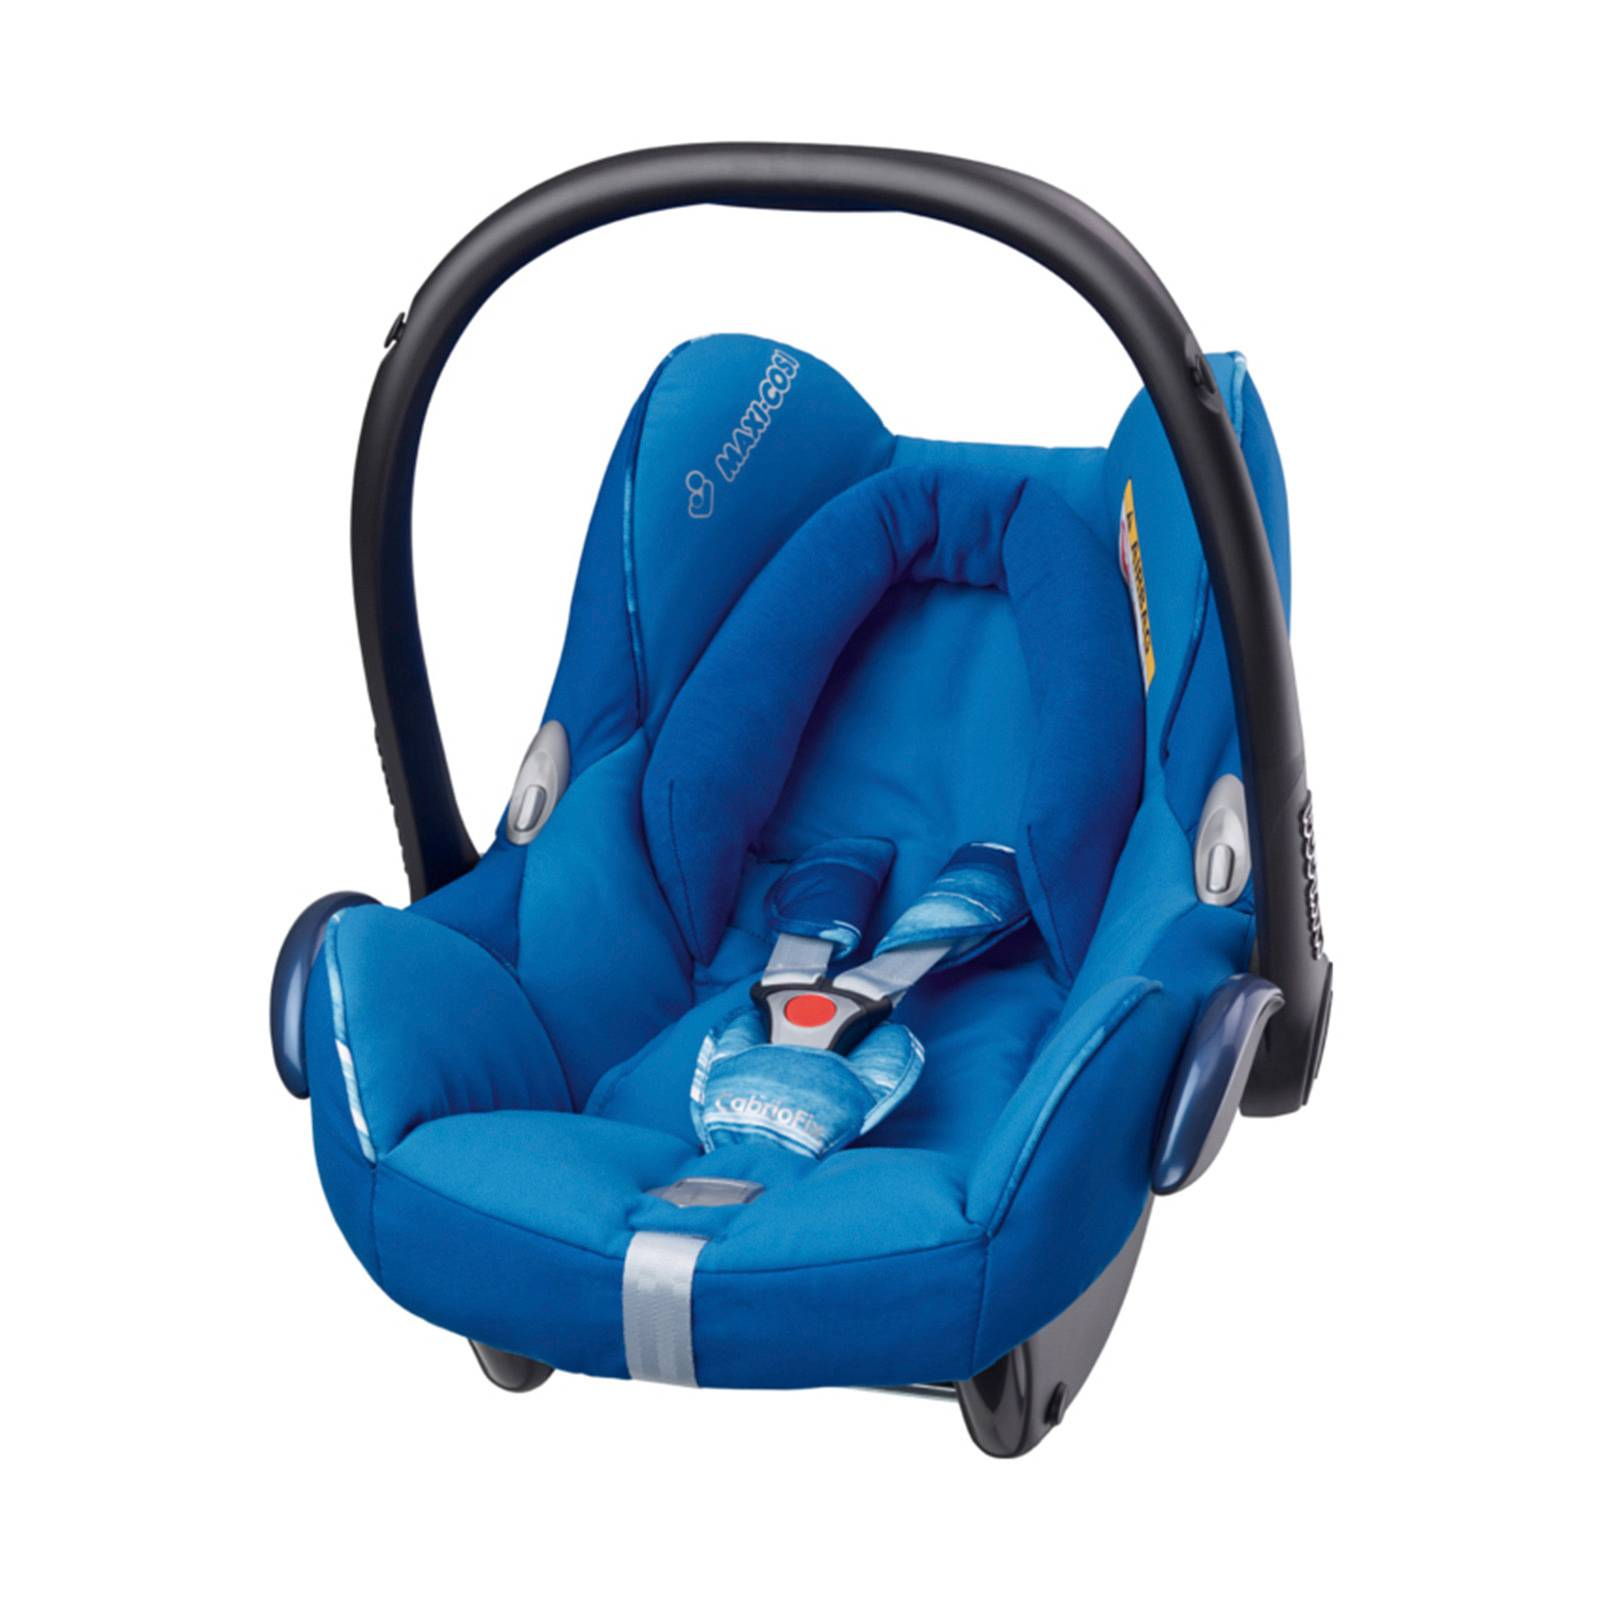 Maxi-Cosi CabrioFix autostoel groep 0+ blauw